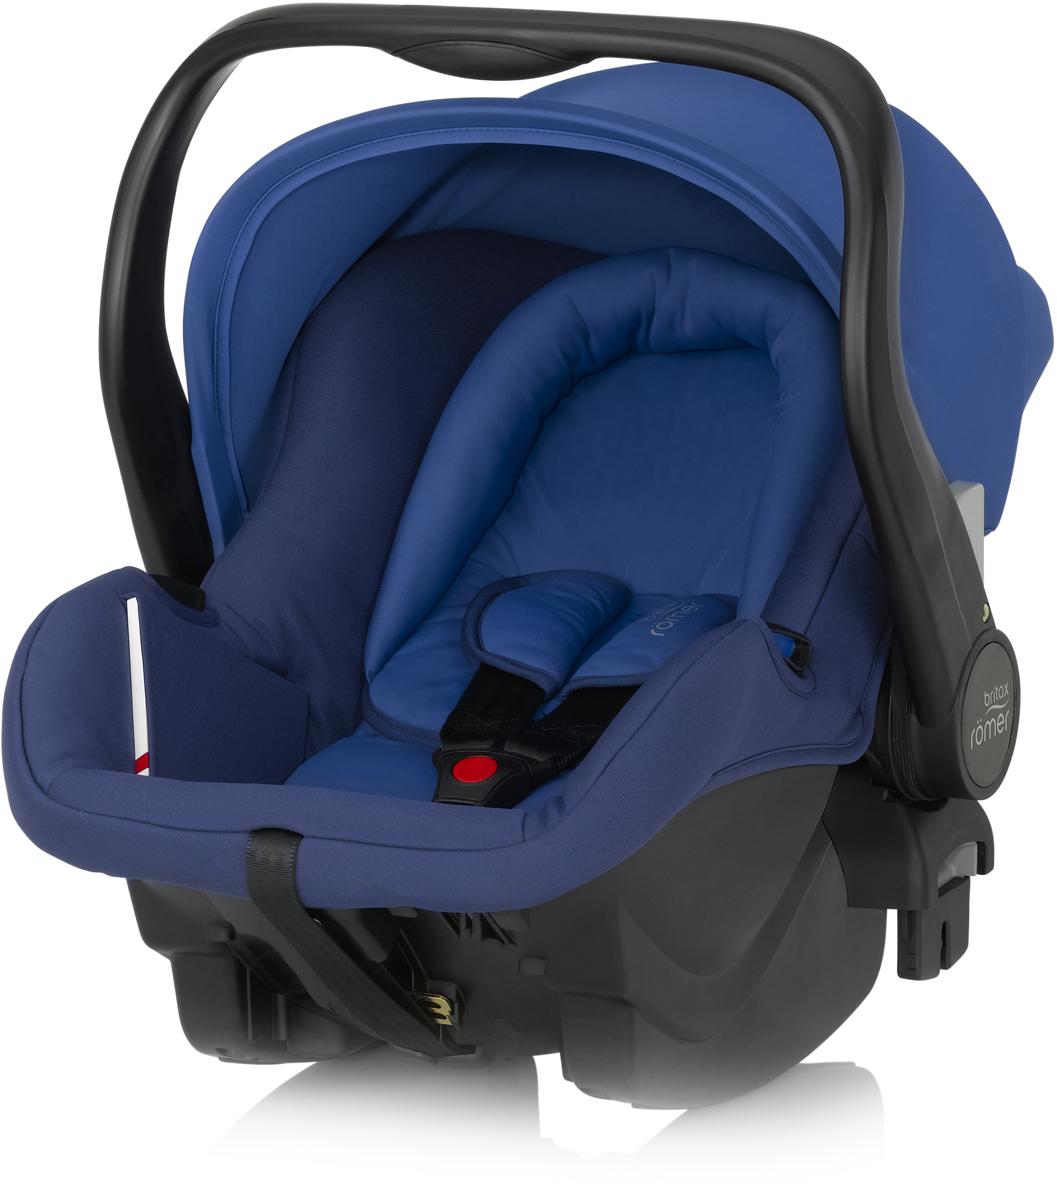 Romer Автокресло Primo Ocean Blue до 13 кг2000023039Автокресло Romer Primo группы 0+ предназначено для детей весом до 13 кг (от рождения до 12 месяцев). Автокресло было разработано для родителей, которые ценят комфорт ребенка, простоту в обращении и удобство установки в любом автомобиле. Удобная ручка для переноса, регулируемый капюшон, встроенные адаптеры для коляски, оснащенной системой CLICK & GO, вставка для новорожденных из двух частей, легкость и простота установки в автомобиле - идеальное сочетание для создания Travel System - собственной системы путешествий. Автокресло Romer Primo создано, чтобы приносить только положительные эмоции.Особенности:Внутренний 3-точечный ремень безопасности регулируется всего одним движением руки.Специальный вкладыш для новорожденных, состоящий из 2 частей (подголовника с мягкими бортиками и подушки под спину), обеспечивает комфорт и безопасность во время сна. При необходимости вынимается, увеличивая свободное пространство внутри автокресла.Совместимость с детскими колясками BRITAX, оснащенными механизмом CLICK & GO.Съемный капор для защиты от солнца и ветра с защитой от УФ-излучения 50+. Эргономичная ручка для переноски: для ношения и использования в авто; для укладывания ребенка; для надежной установки за пределами автомобиля.Быстросъемный моющийся чехол с мягкой подкладкой, не требующий расцепления ремня безопасности.Изогнутое основание для укачивания или кормления.Глубокие боковины с мягкой обивкой и плечевые накладки на внутренних ремнях для еще большего комфорта ребенка.Быстрая и простая установка с помощью 3-точечного ремня безопасности автомобиля или специальной базы PRIMO.